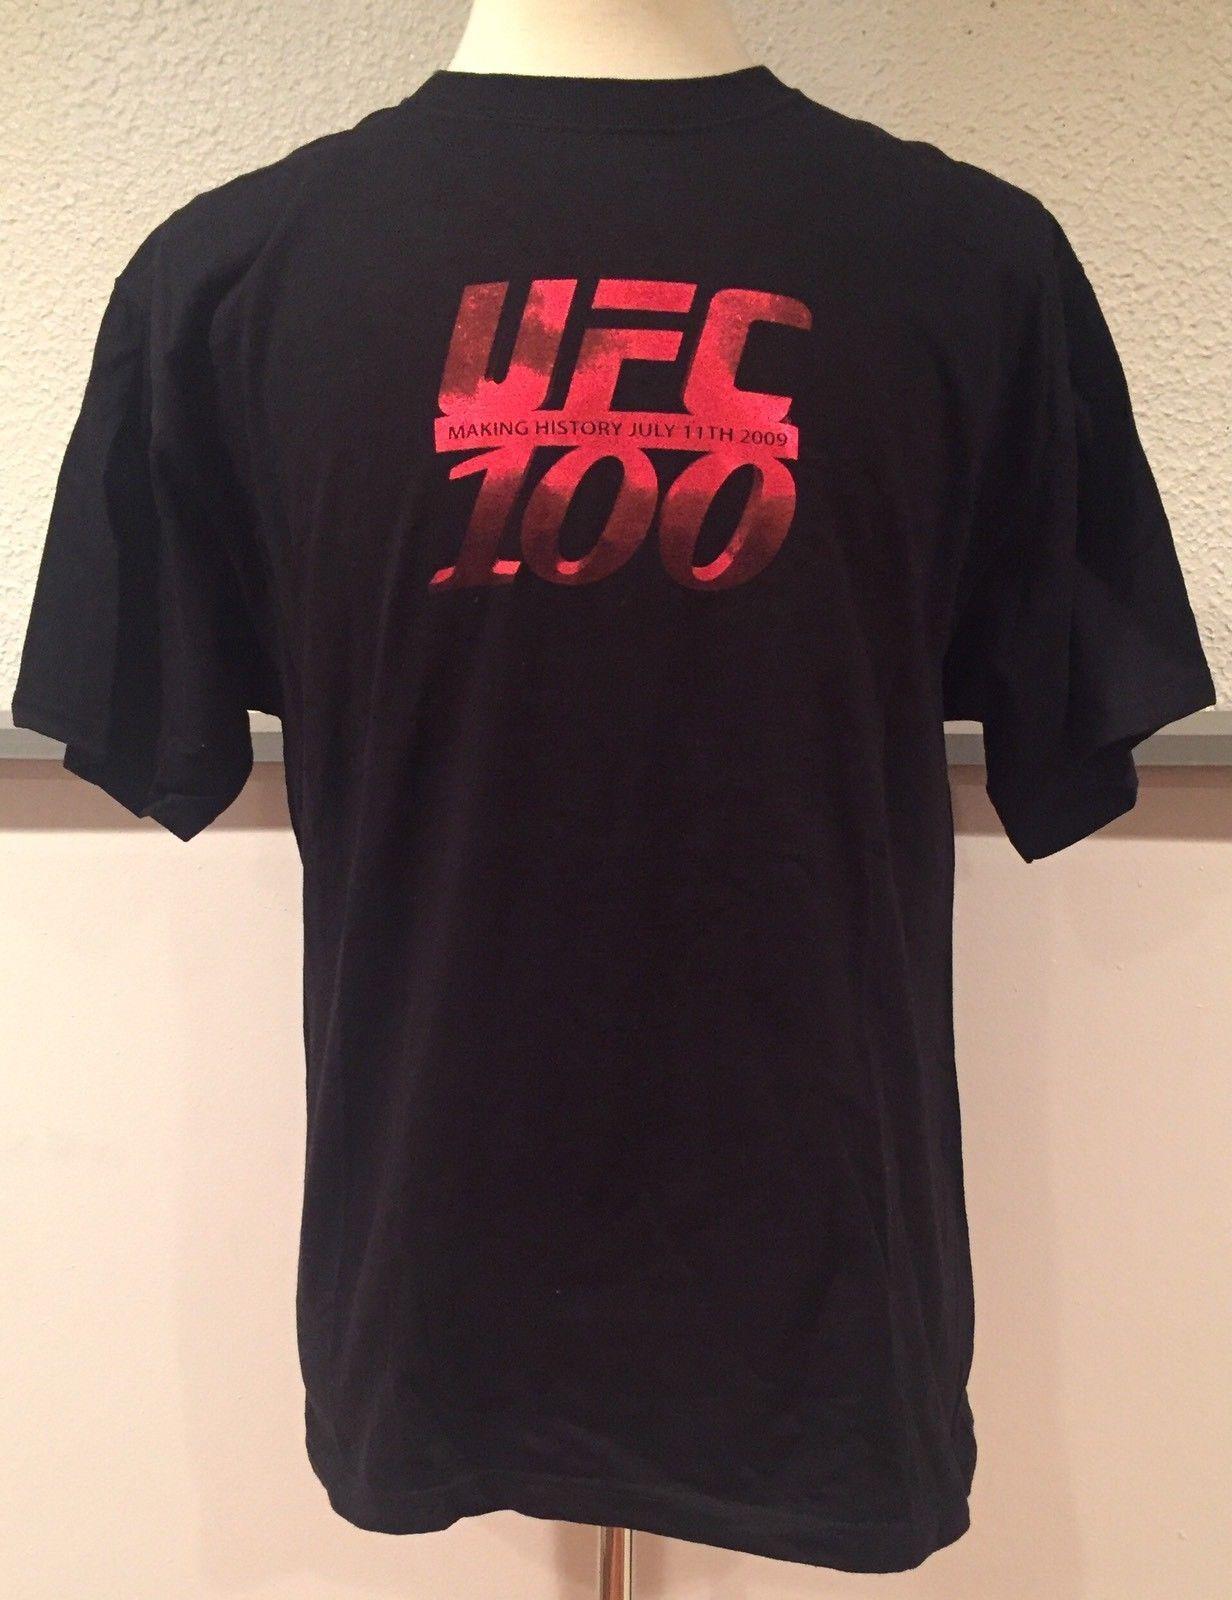 Ufc 100 Making History July 11 2009 T Shirt Brock Lesnar Gsp Large Http Bestsellerlist Co Uk Ufc 100 Making History July 11 2009 T Ufc 100 Brock Lesnar Ufc